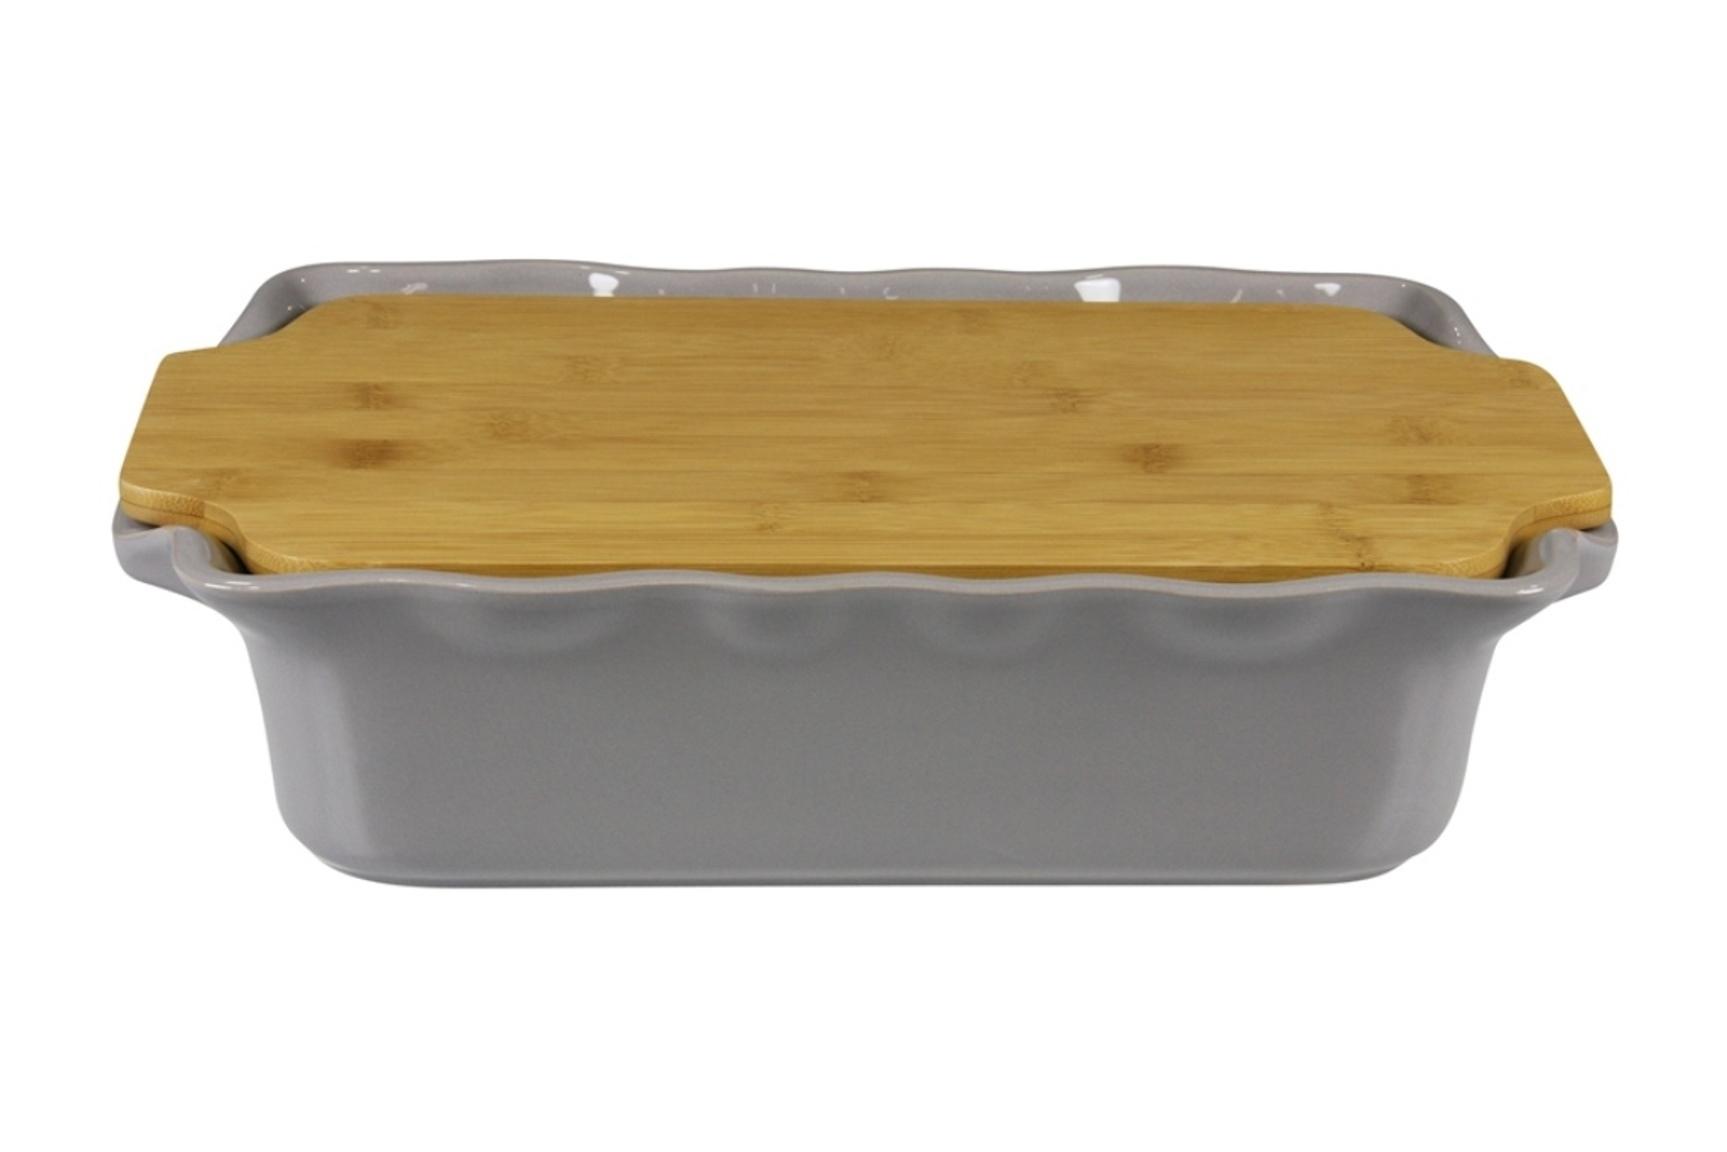 Форма с доской прямоугольная 37 см Appolia Cook&amp;Stock DARK GREY 131037006Скидки на товары для кухни<br>Форма с доской прямоугольная 37 см Appolia Cook&amp;Stock DARK GREY 131037006<br><br>В оригинальной коллекции Cook&amp;Stoock присутствуют мягкие цвета трех оттенков. Закругленные углы облегчают чистку. Легко использовать. Компактное хранение. В комплекте натуральные крышки из бамбука, которые можно использовать в качестве подставки, крышки и разделочной доски. Прочная жароустойчивая керамика экологична и изготавливается из высококачественной глины. Прочная глазурь устойчива к растрескиванию и сколам, не содержит свинца и кадмия. Глина обеспечивает медленный и равномерный нагрев, деликатное приготовление с сохранением всех питательных веществ и витаминов, а та же долго сохраняет тепло, что удобно при сервировке горячих блюд.<br>